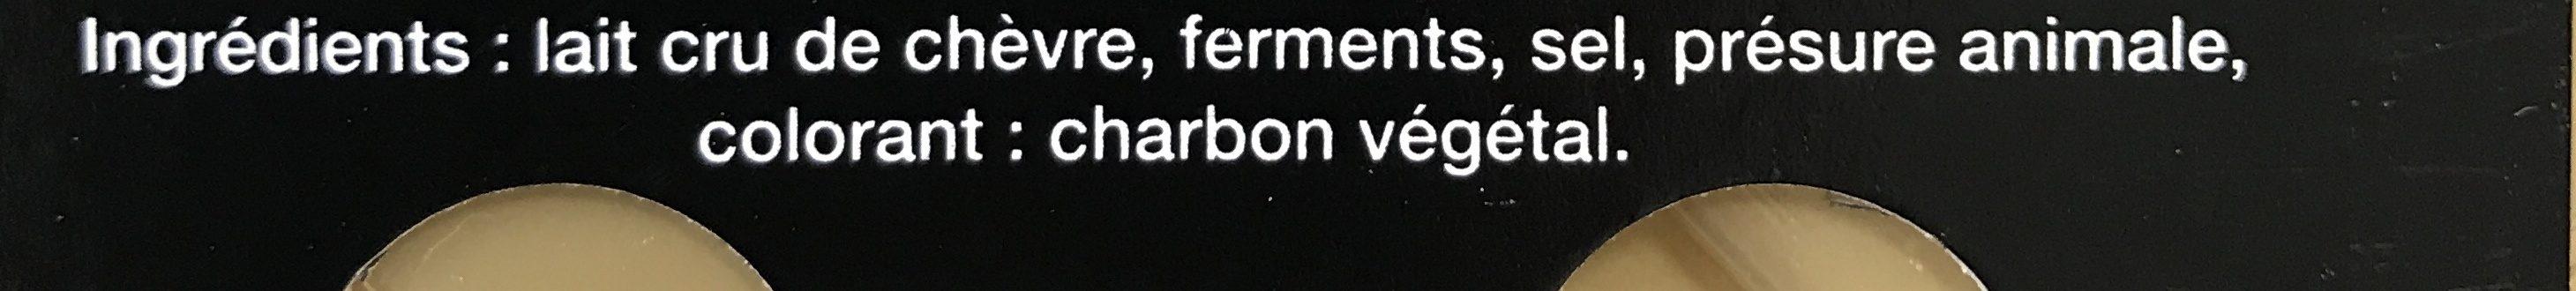 Valençay Aoc, Fromage De Chèvre Au Lait Cru, L'unité De 220g - Ingrediënten - fr